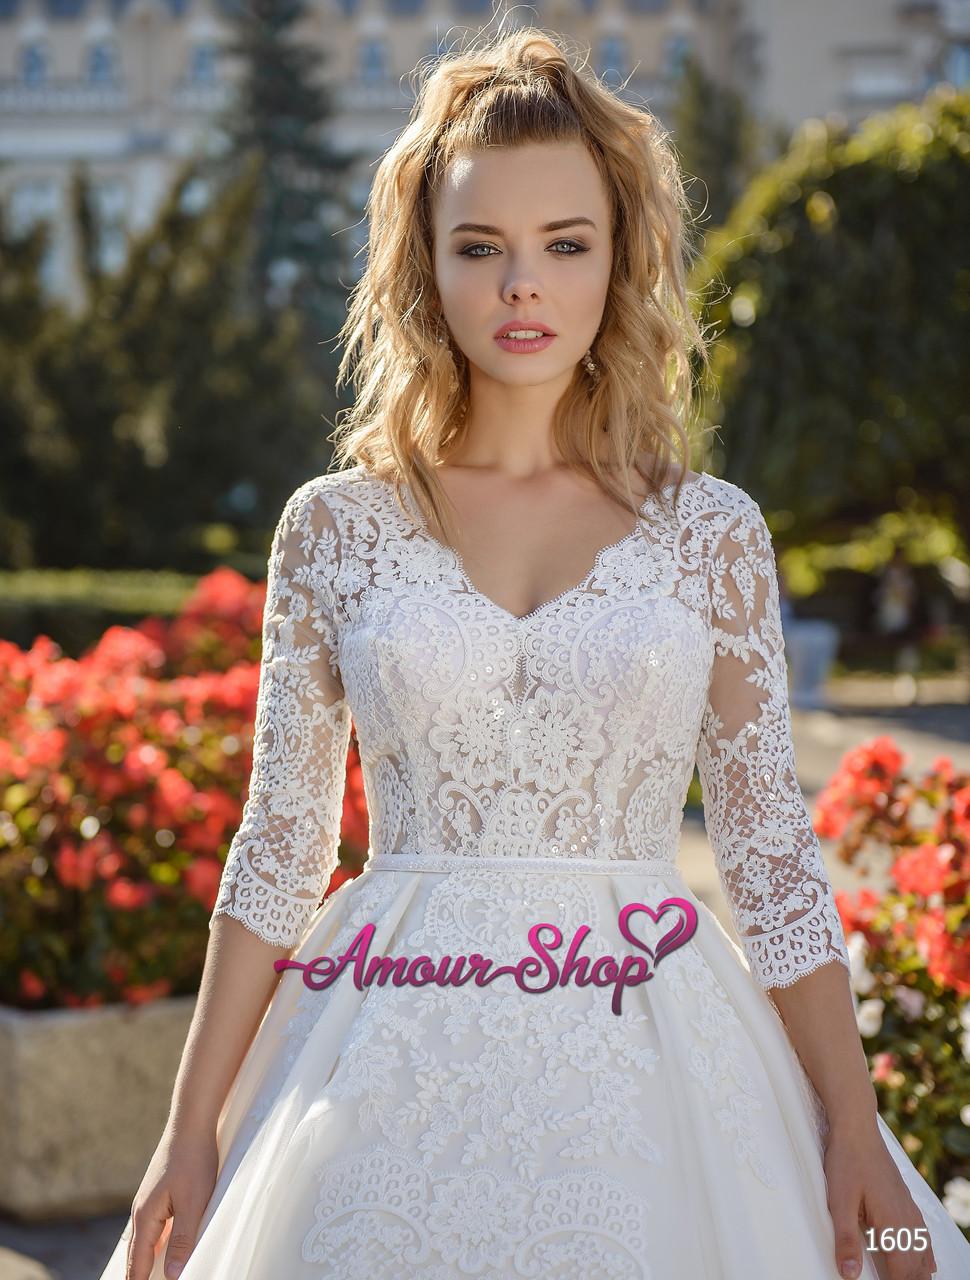 Свадебное платье пошив под заказ, Киев. (пышное с кружевными рукавами)